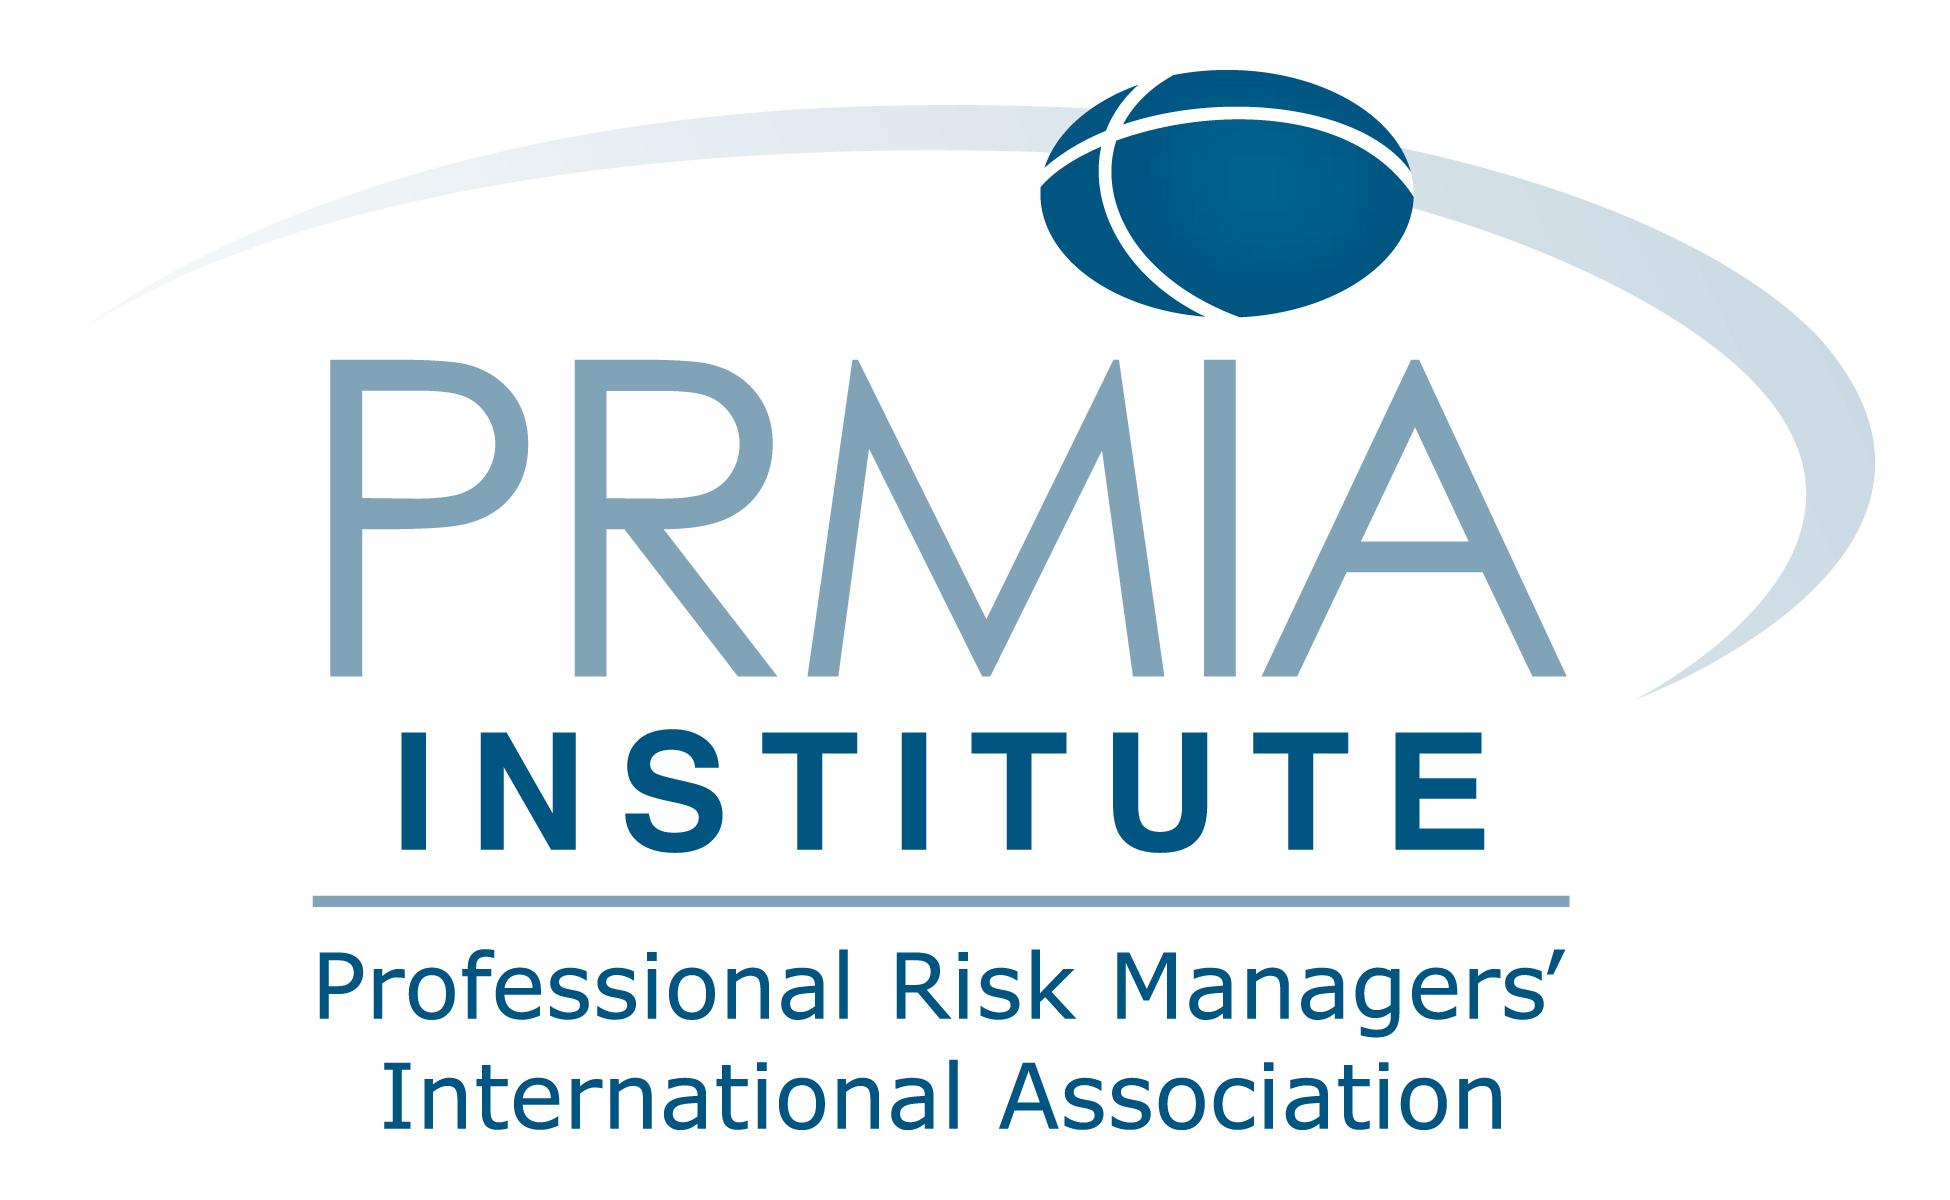 PRMIA Institute